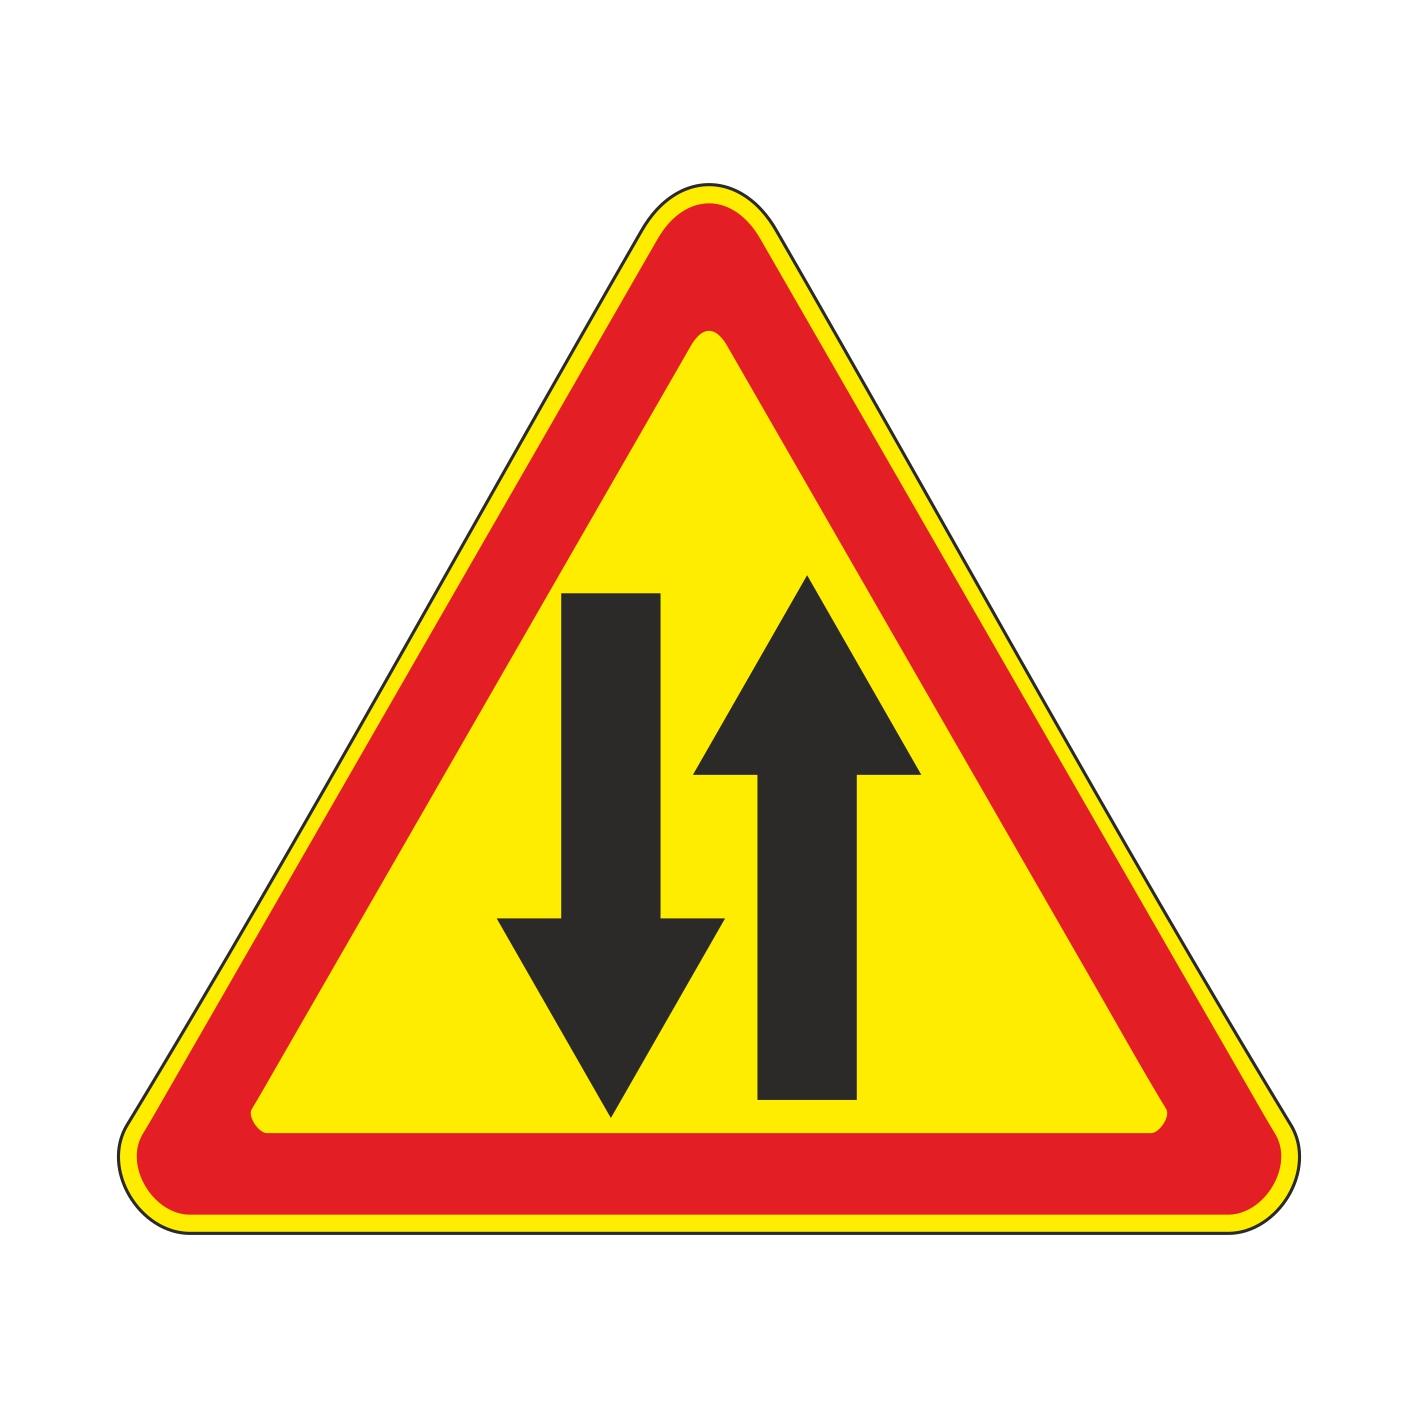 1.21 (временный) Двухстороннее движение [дорожный знак]